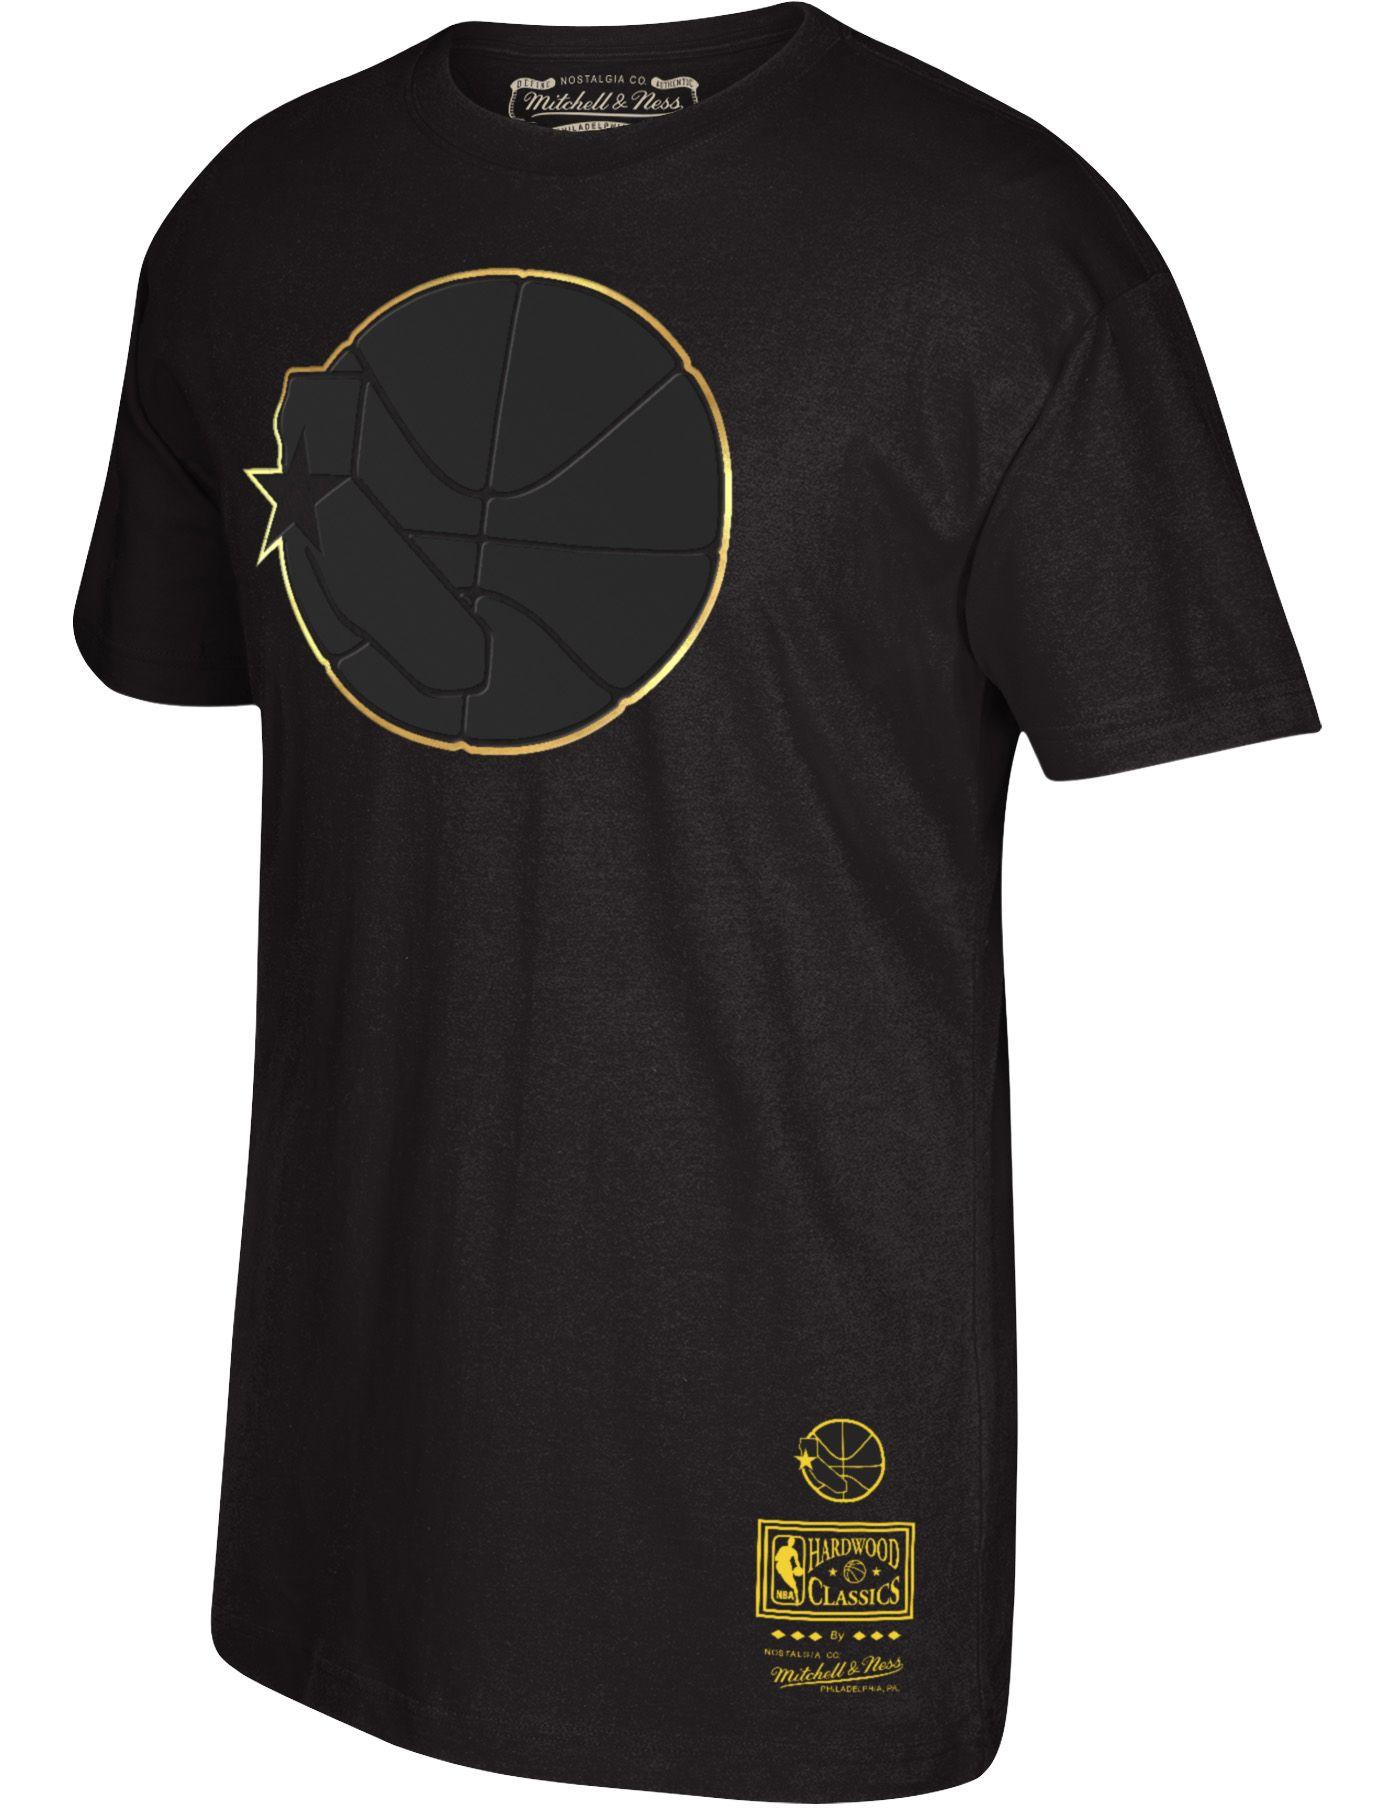 Mitchell & Ness Men's Golden State Warriors T-Shirt